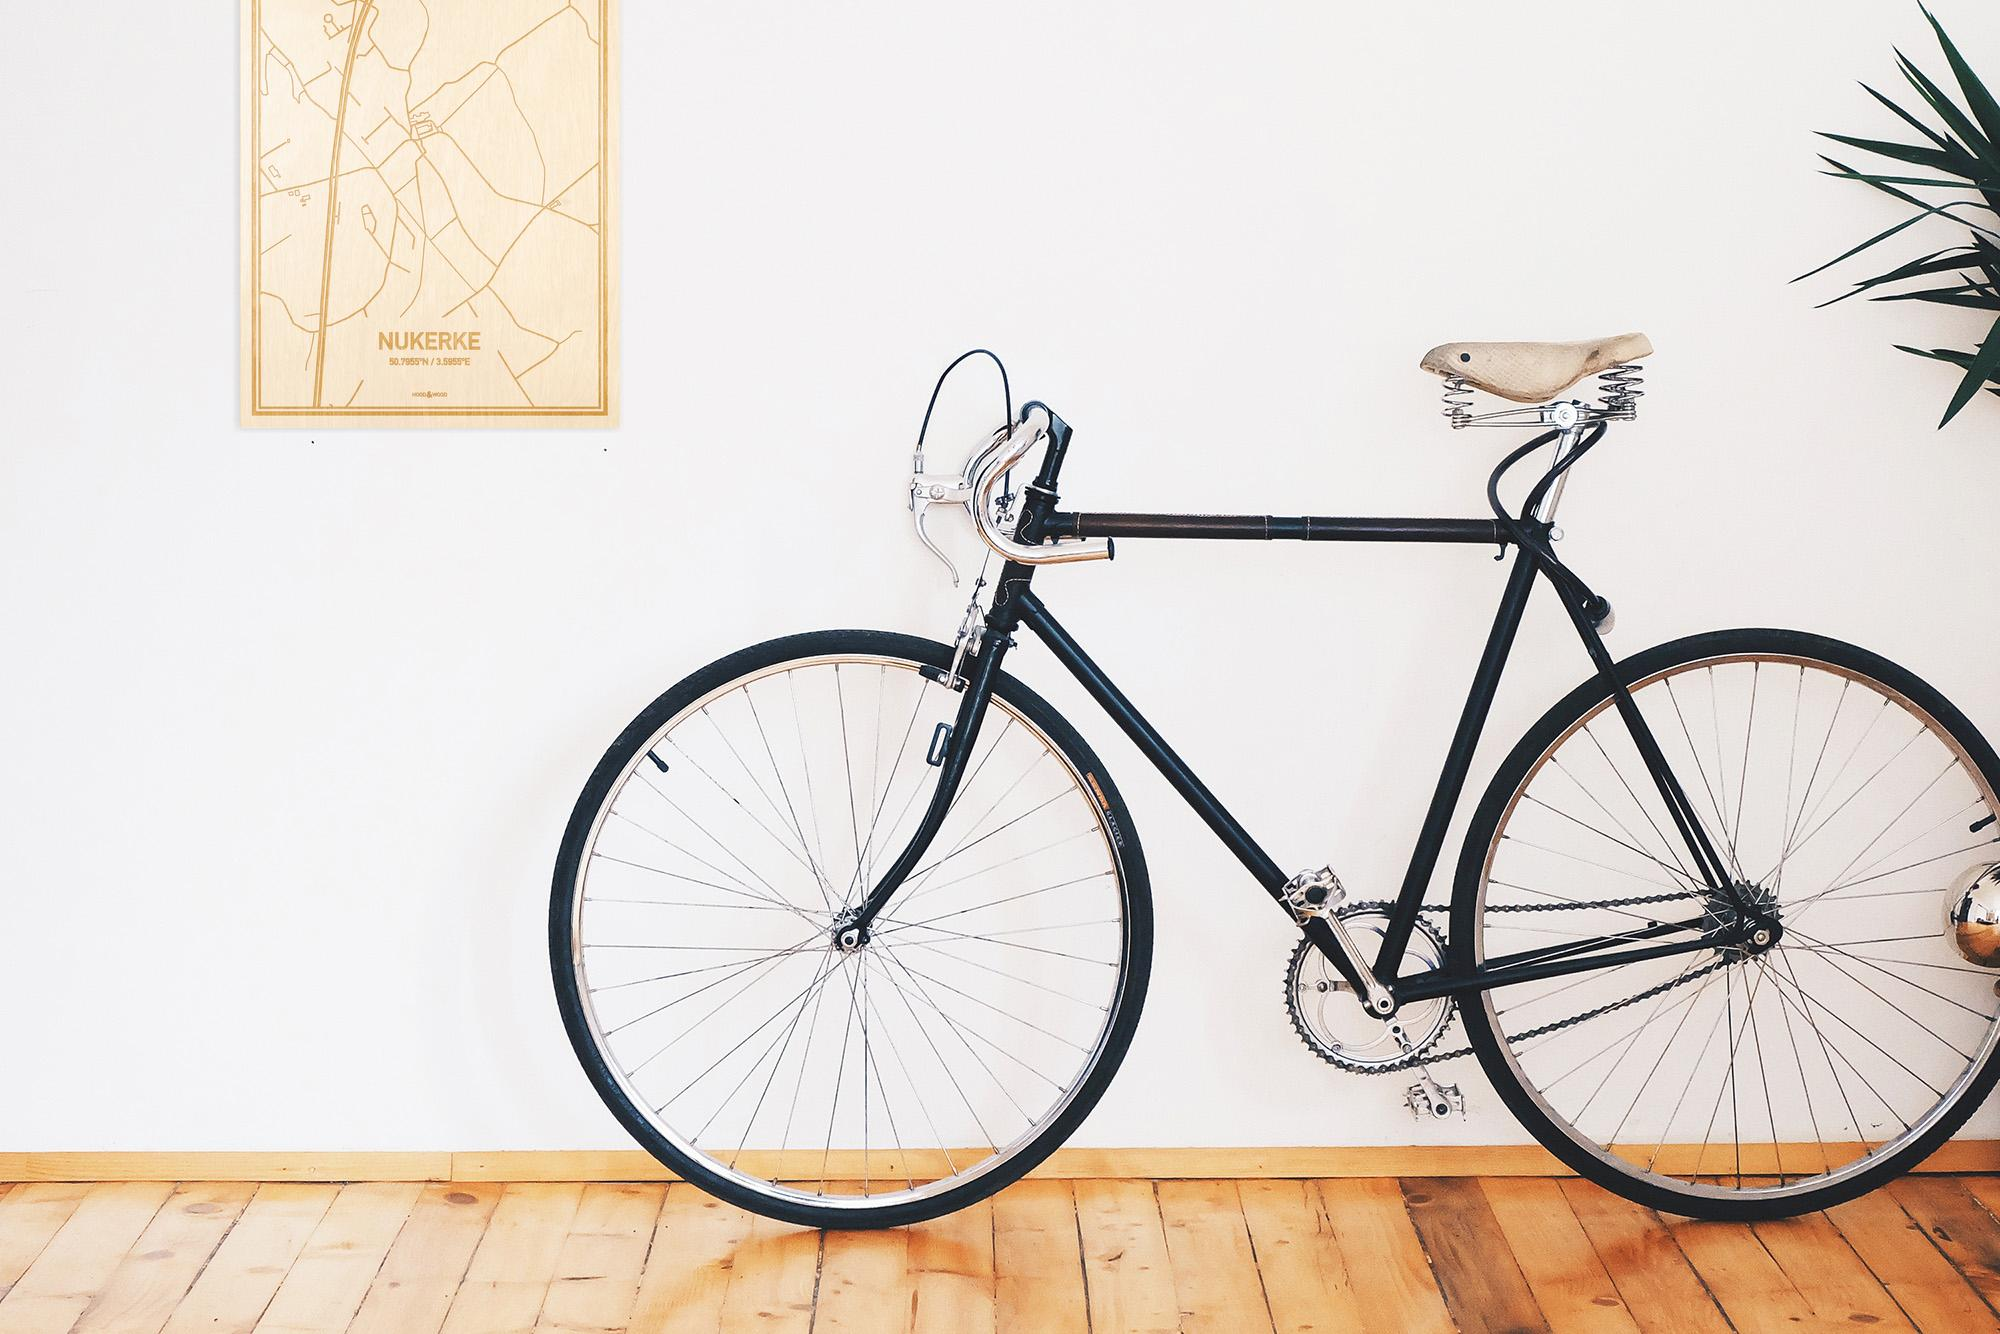 Een snelle fiets in een uniek interieur in Oost-Vlaanderen  met mooie decoratie zoals de plattegrond Nukerke.